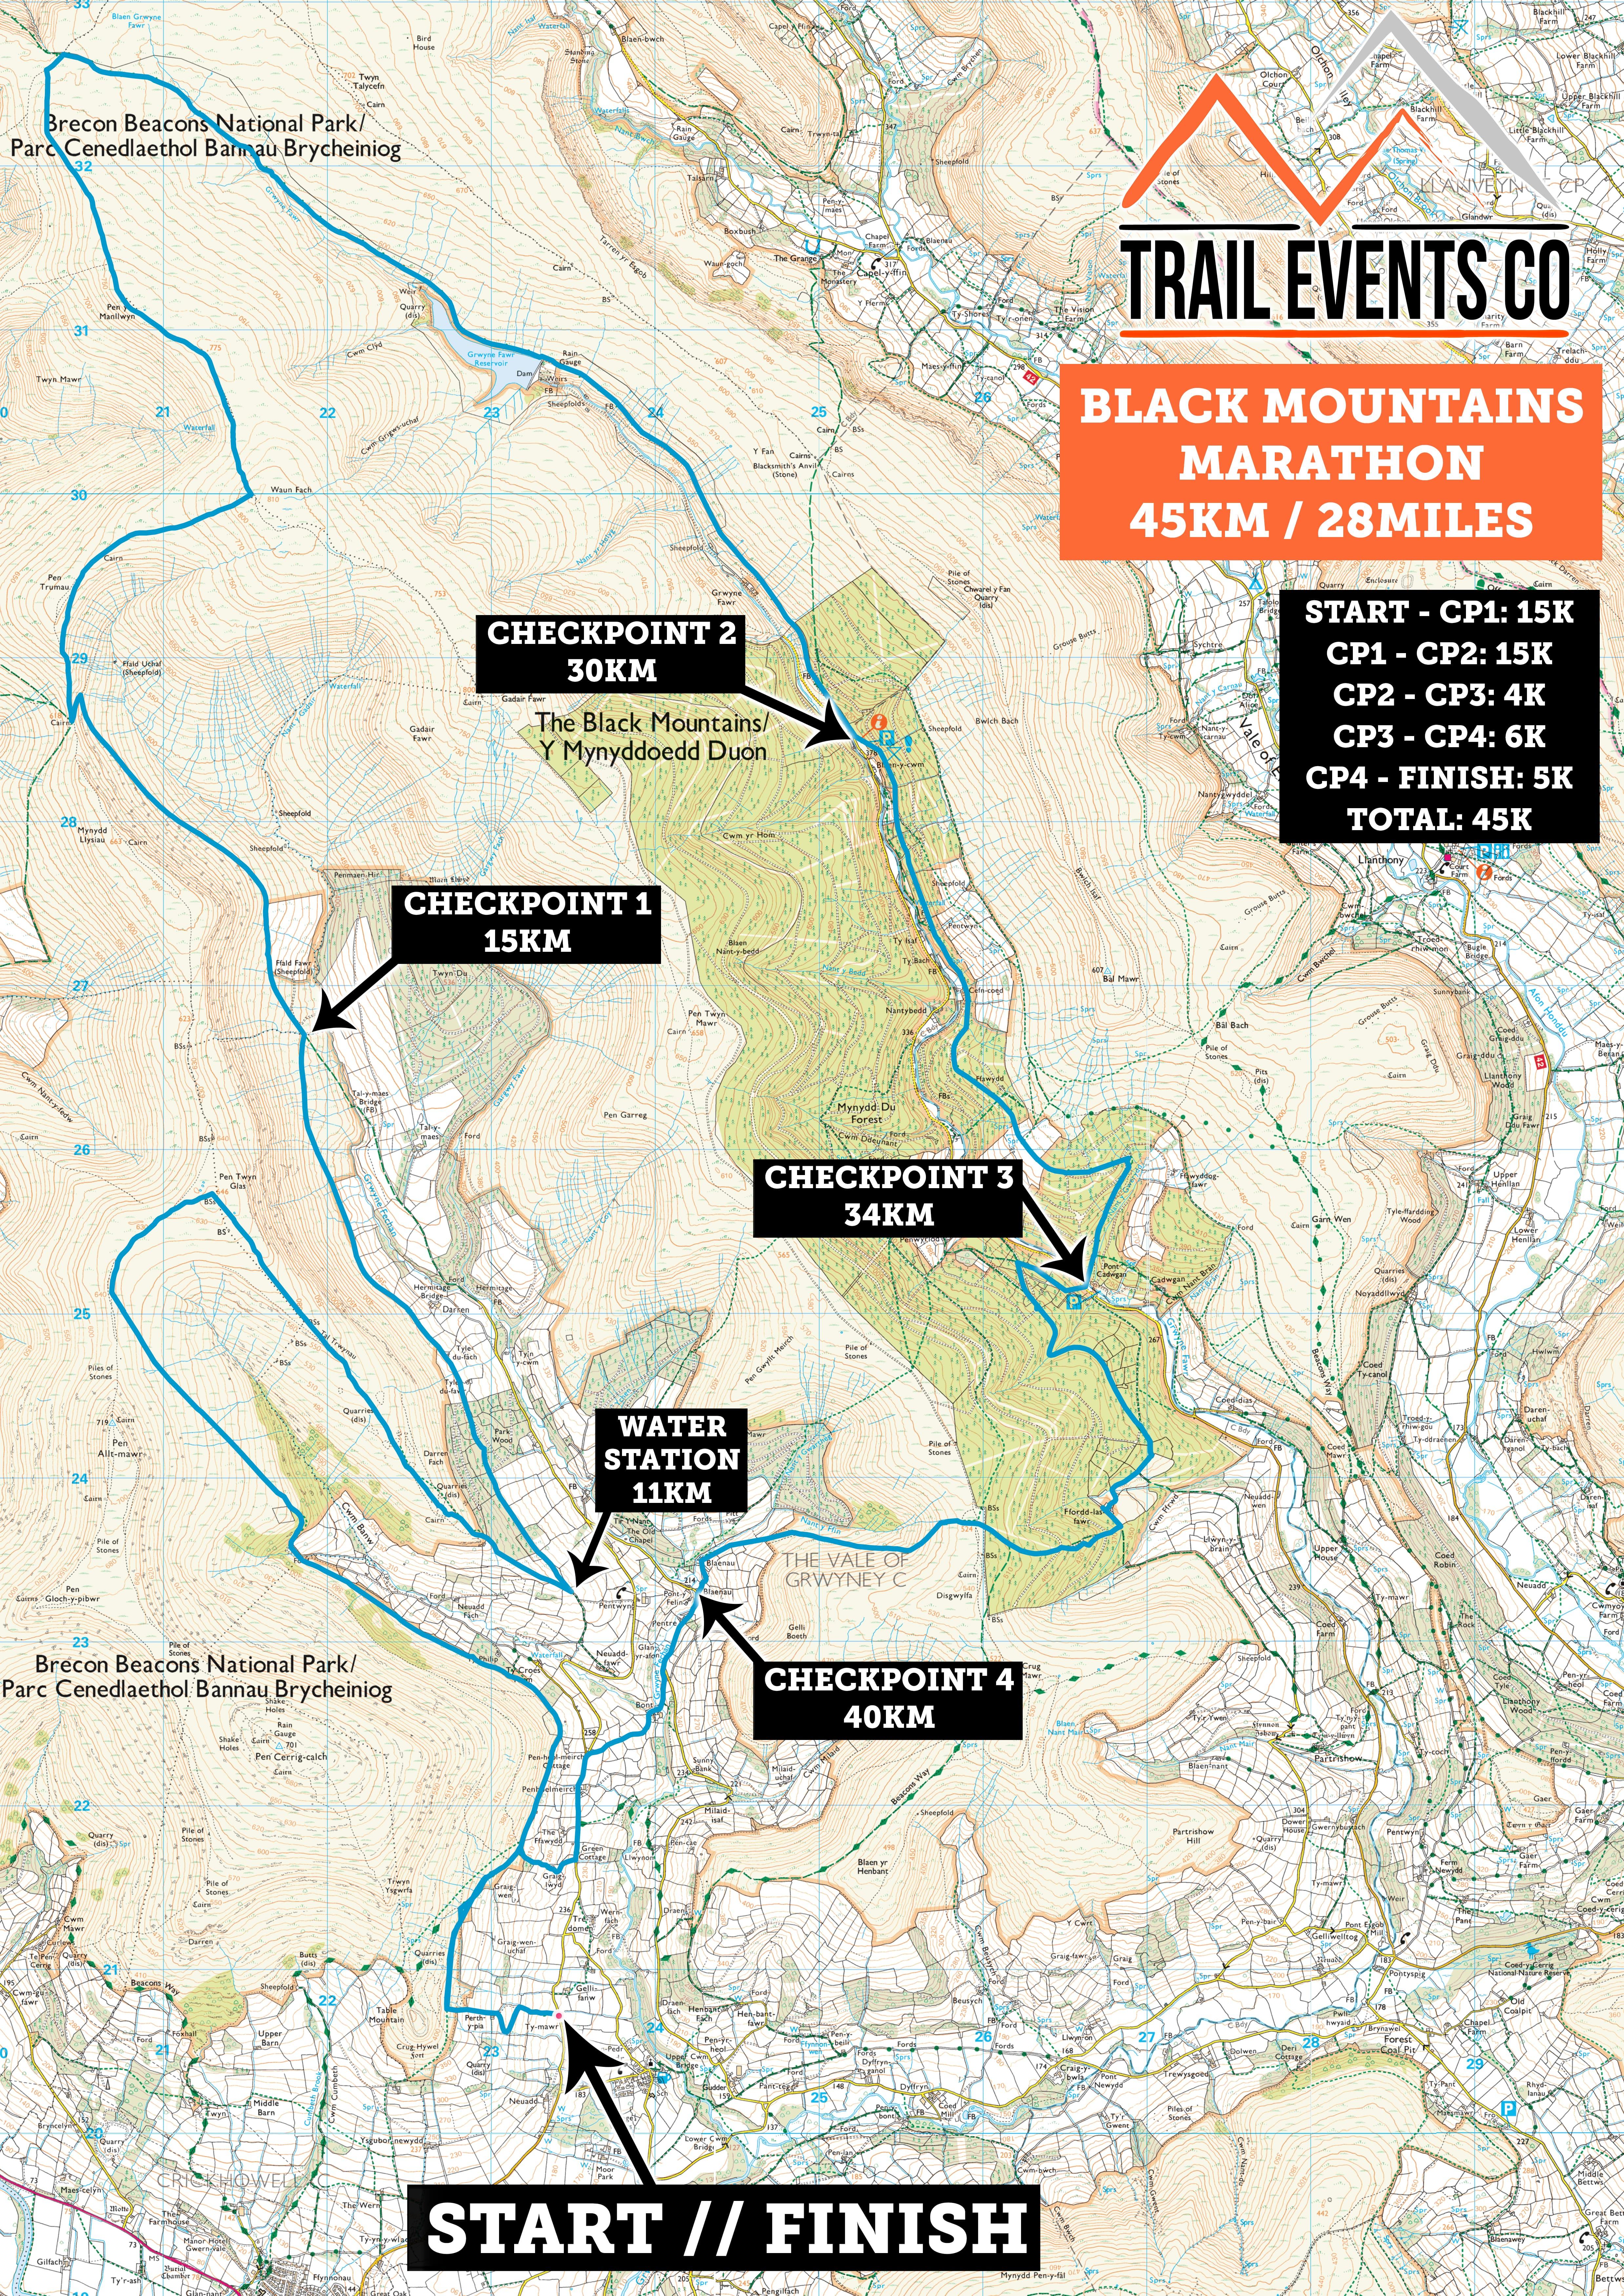 Black Mountains Marathon